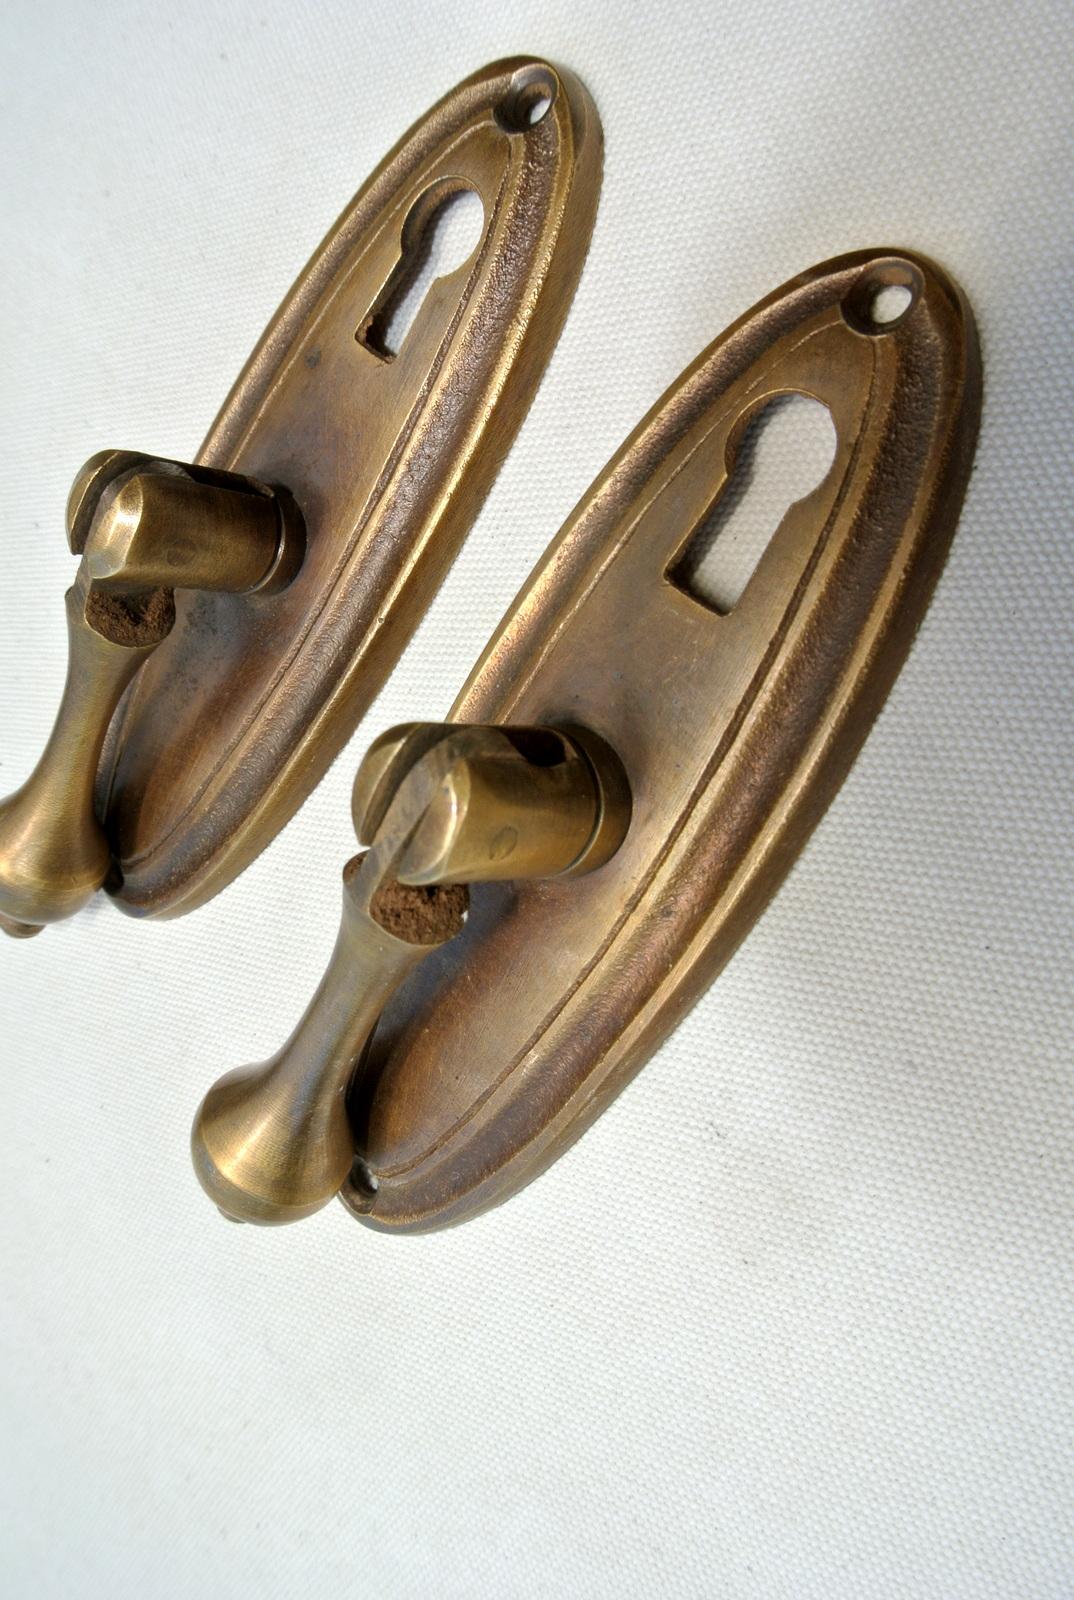 replacement door knobs for old doors photo - 19